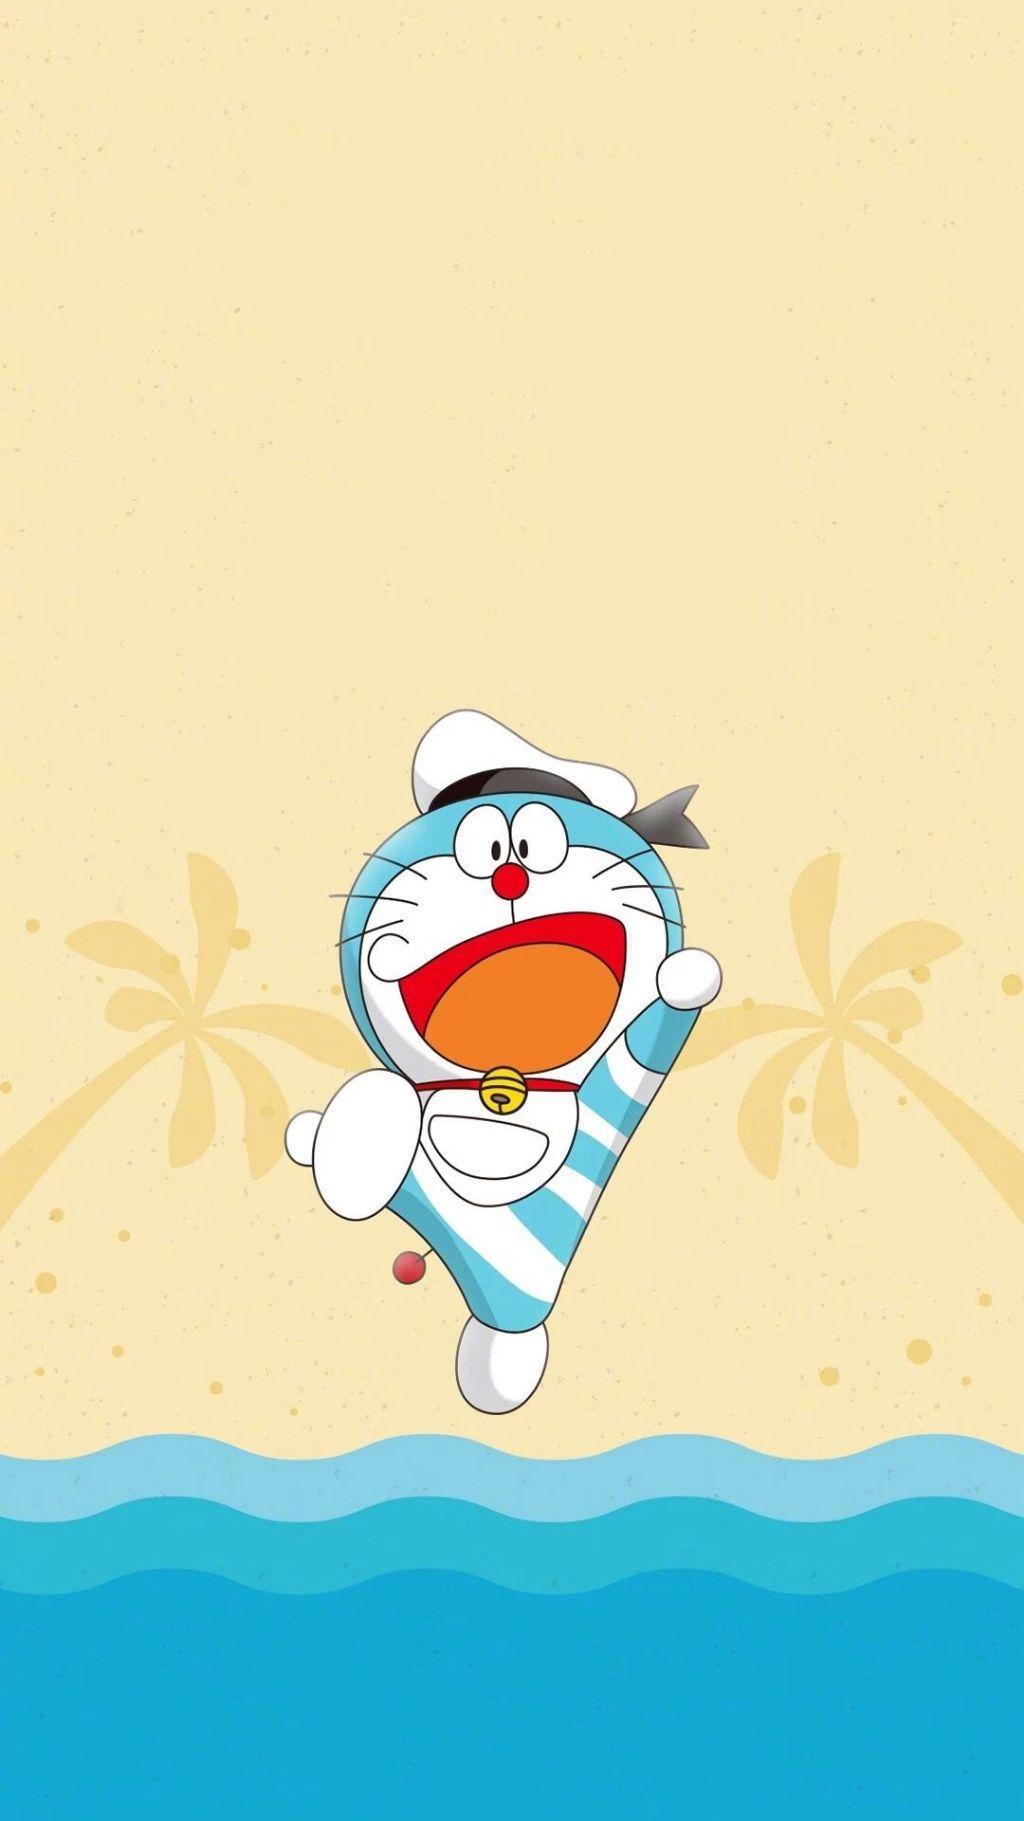 我愿一直在你身边_哆啦A梦壁纸:可爱哆啦A梦蓝胖子手机壁纸-角落博客